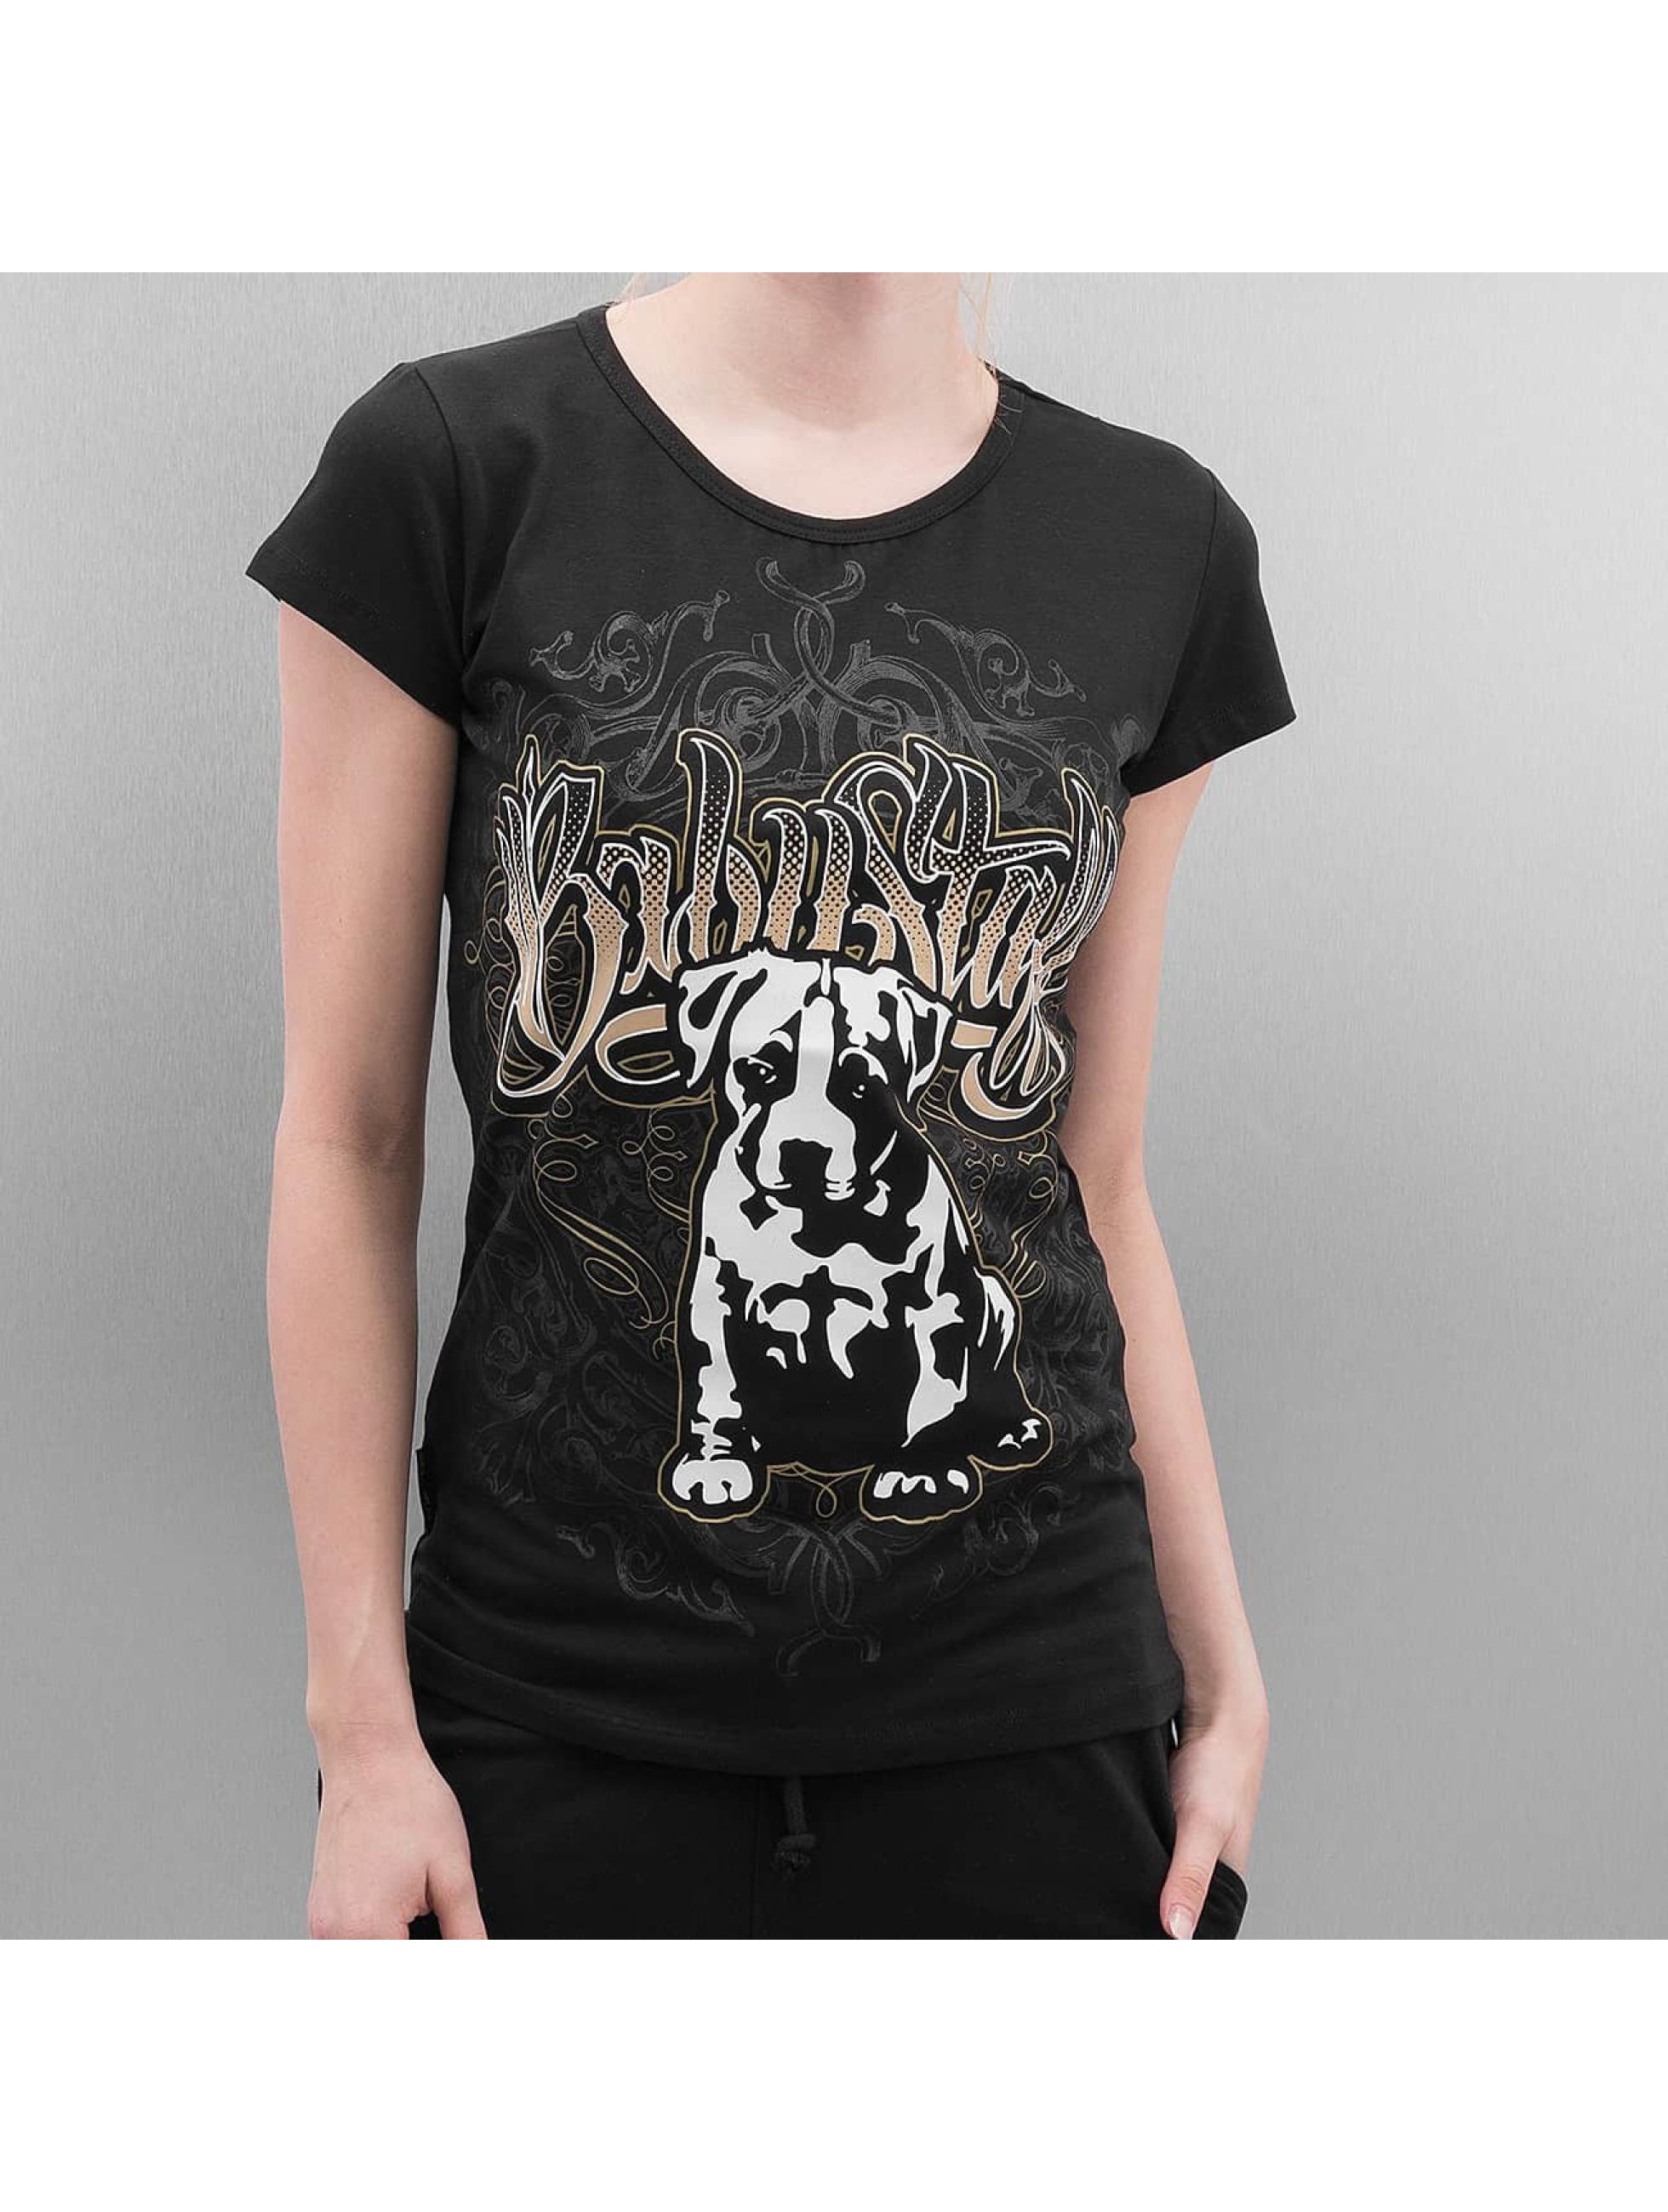 Babystaff Frauen T-Shirt Daxima in schwarz